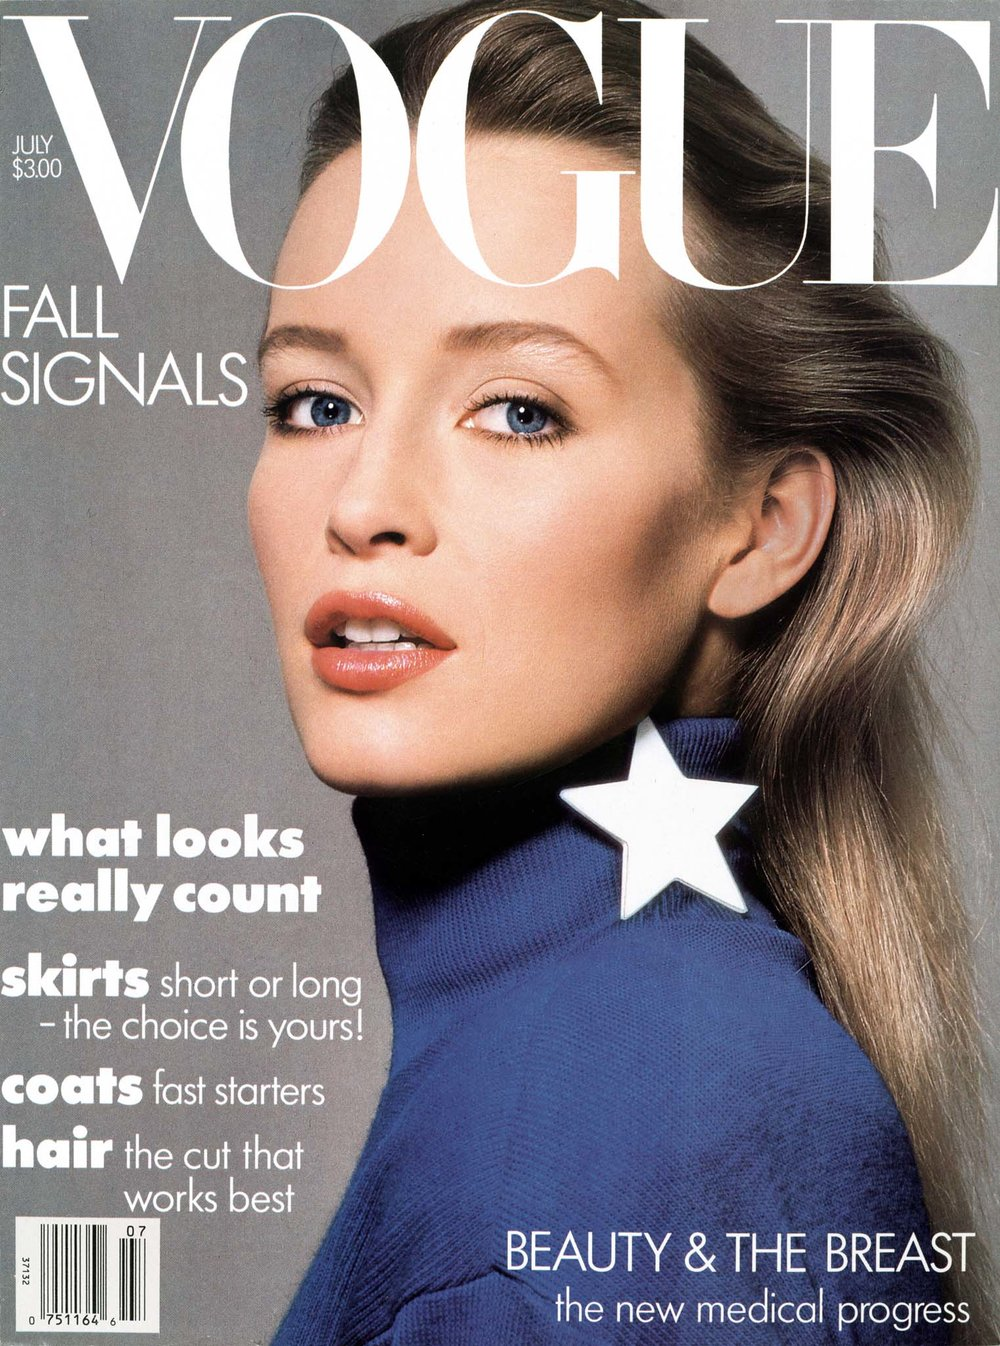 Vogue,July 1986